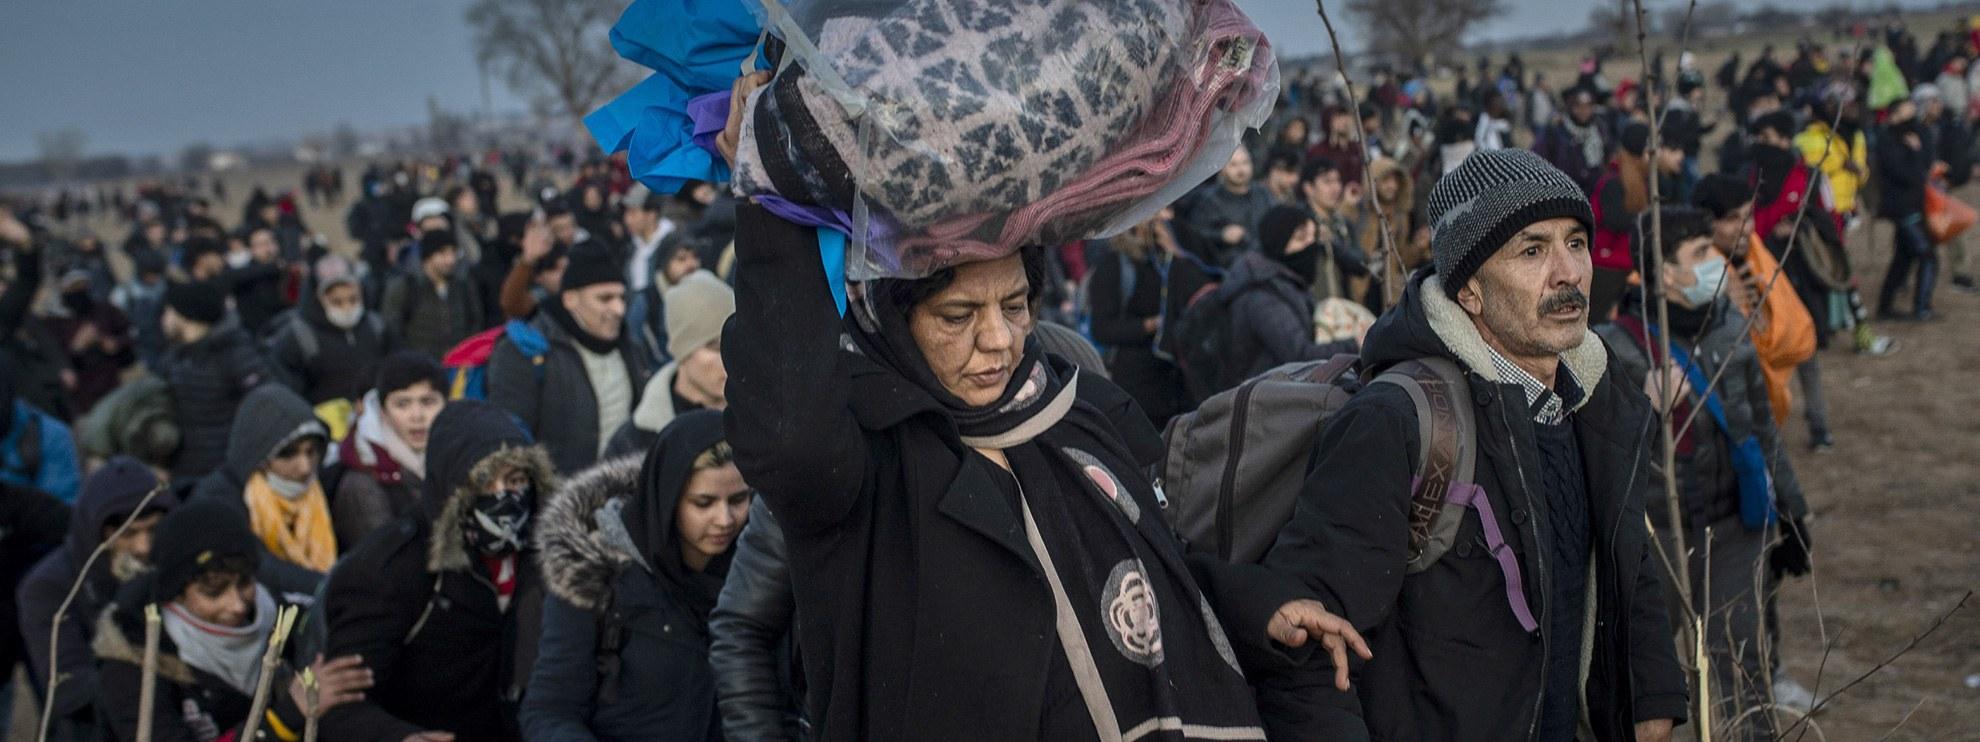 © Anadolu Agency via Getty Images